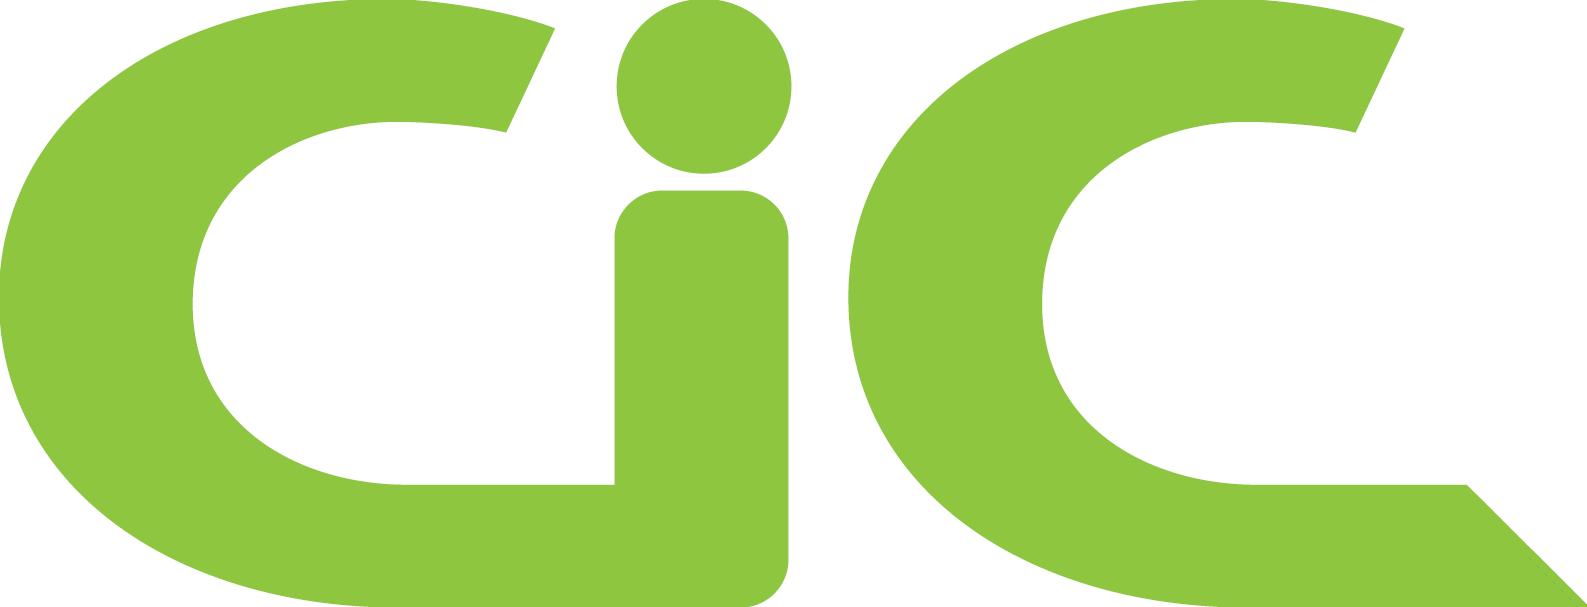 CiC High res logo